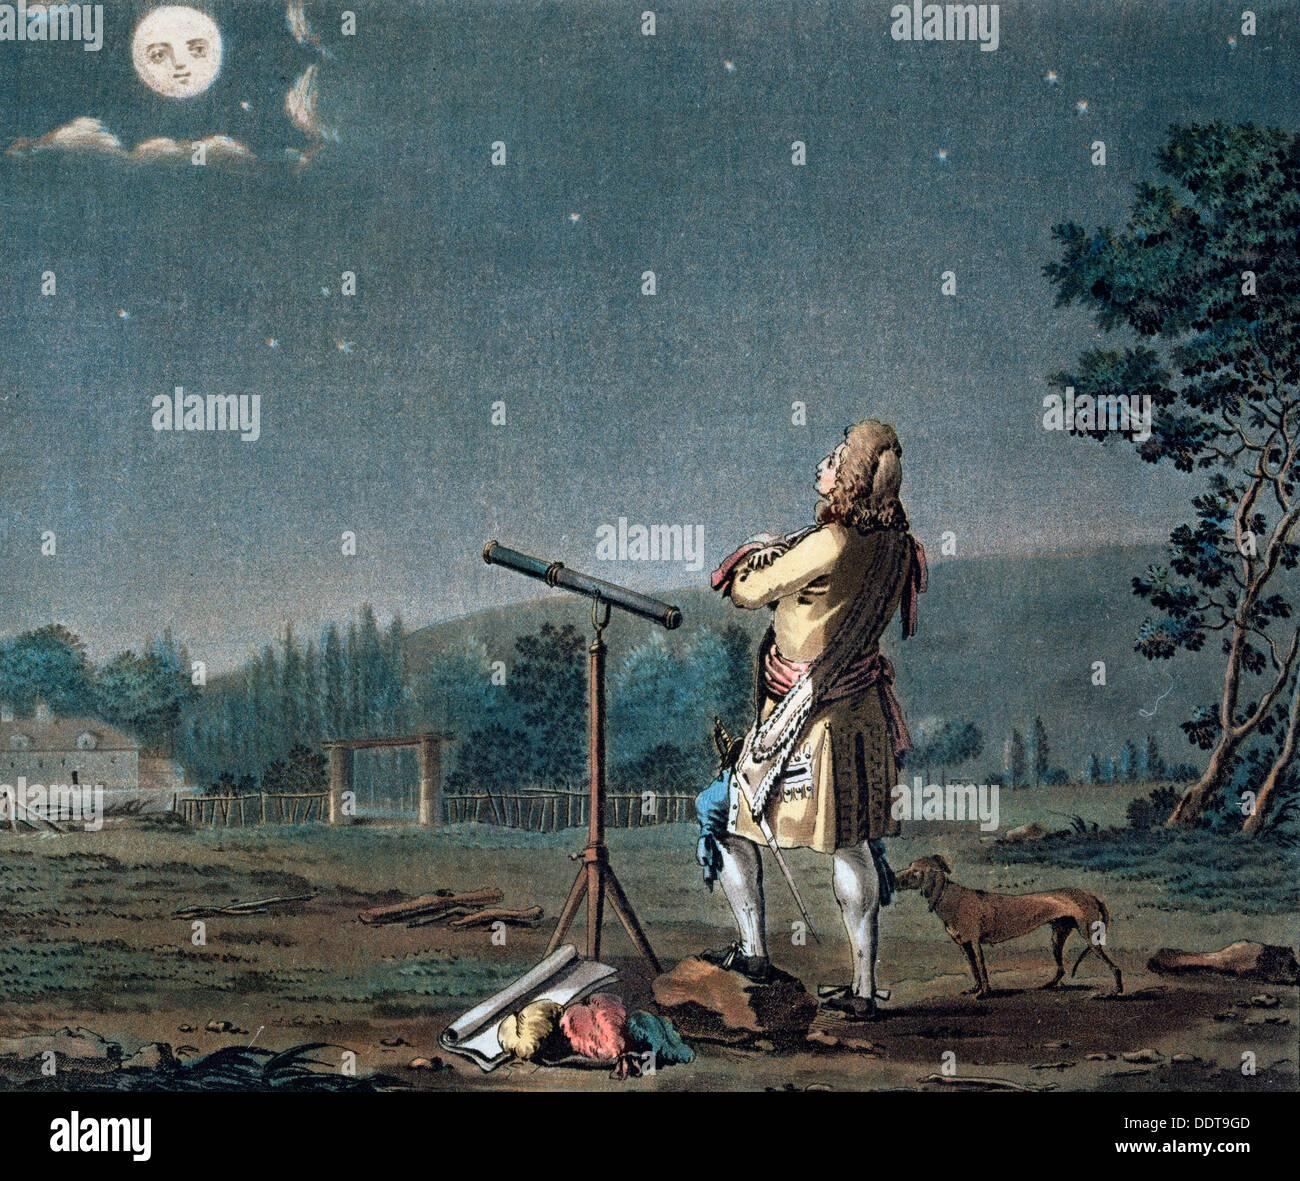 Bernard le Bovier de Fontenelle contemplando la pluralidad de los mundos, 1791. Artista: Jean Baptiste Morret Imagen De Stock